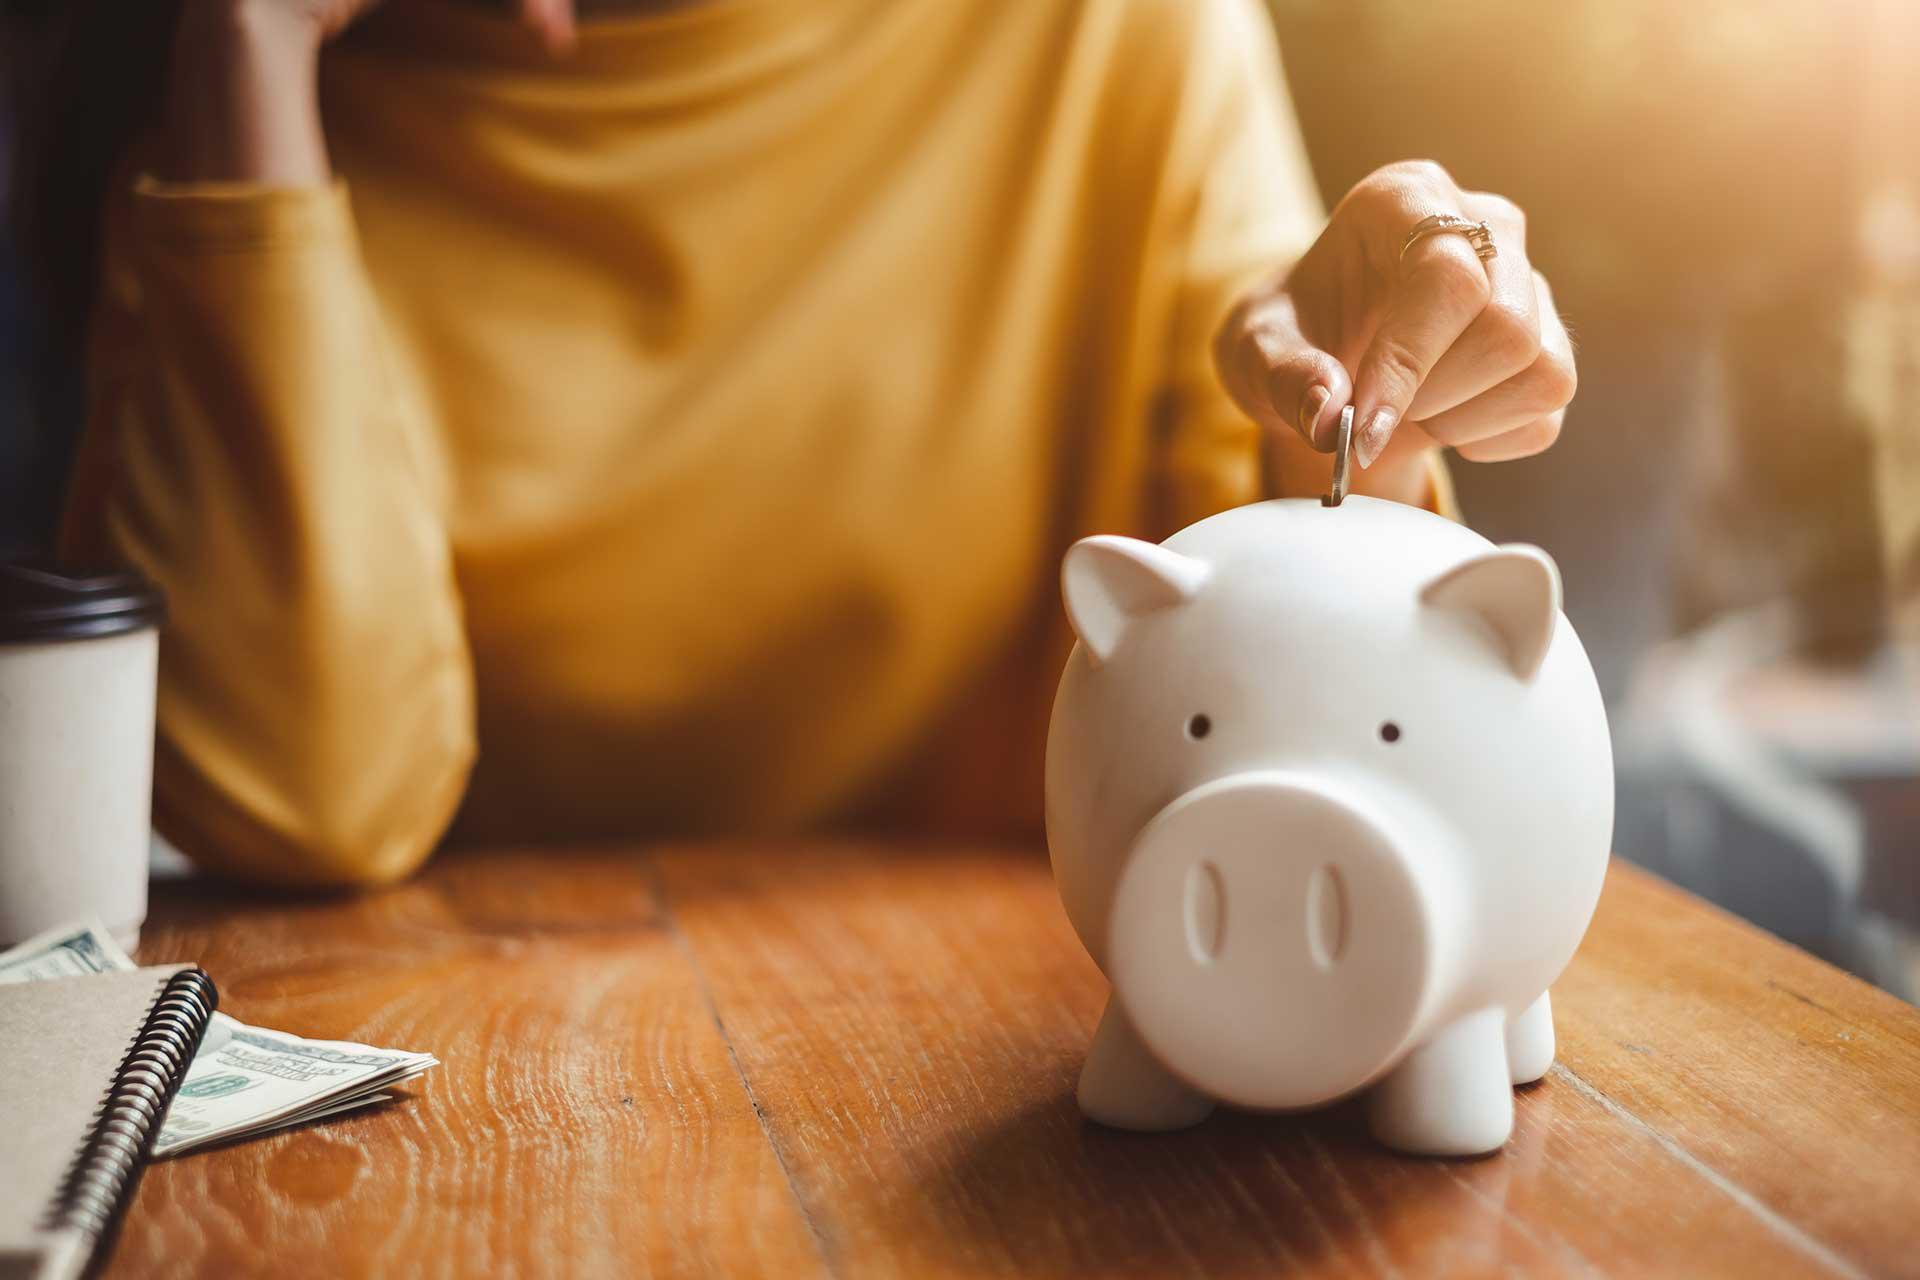 quản lý tài chính để tiết kiệm